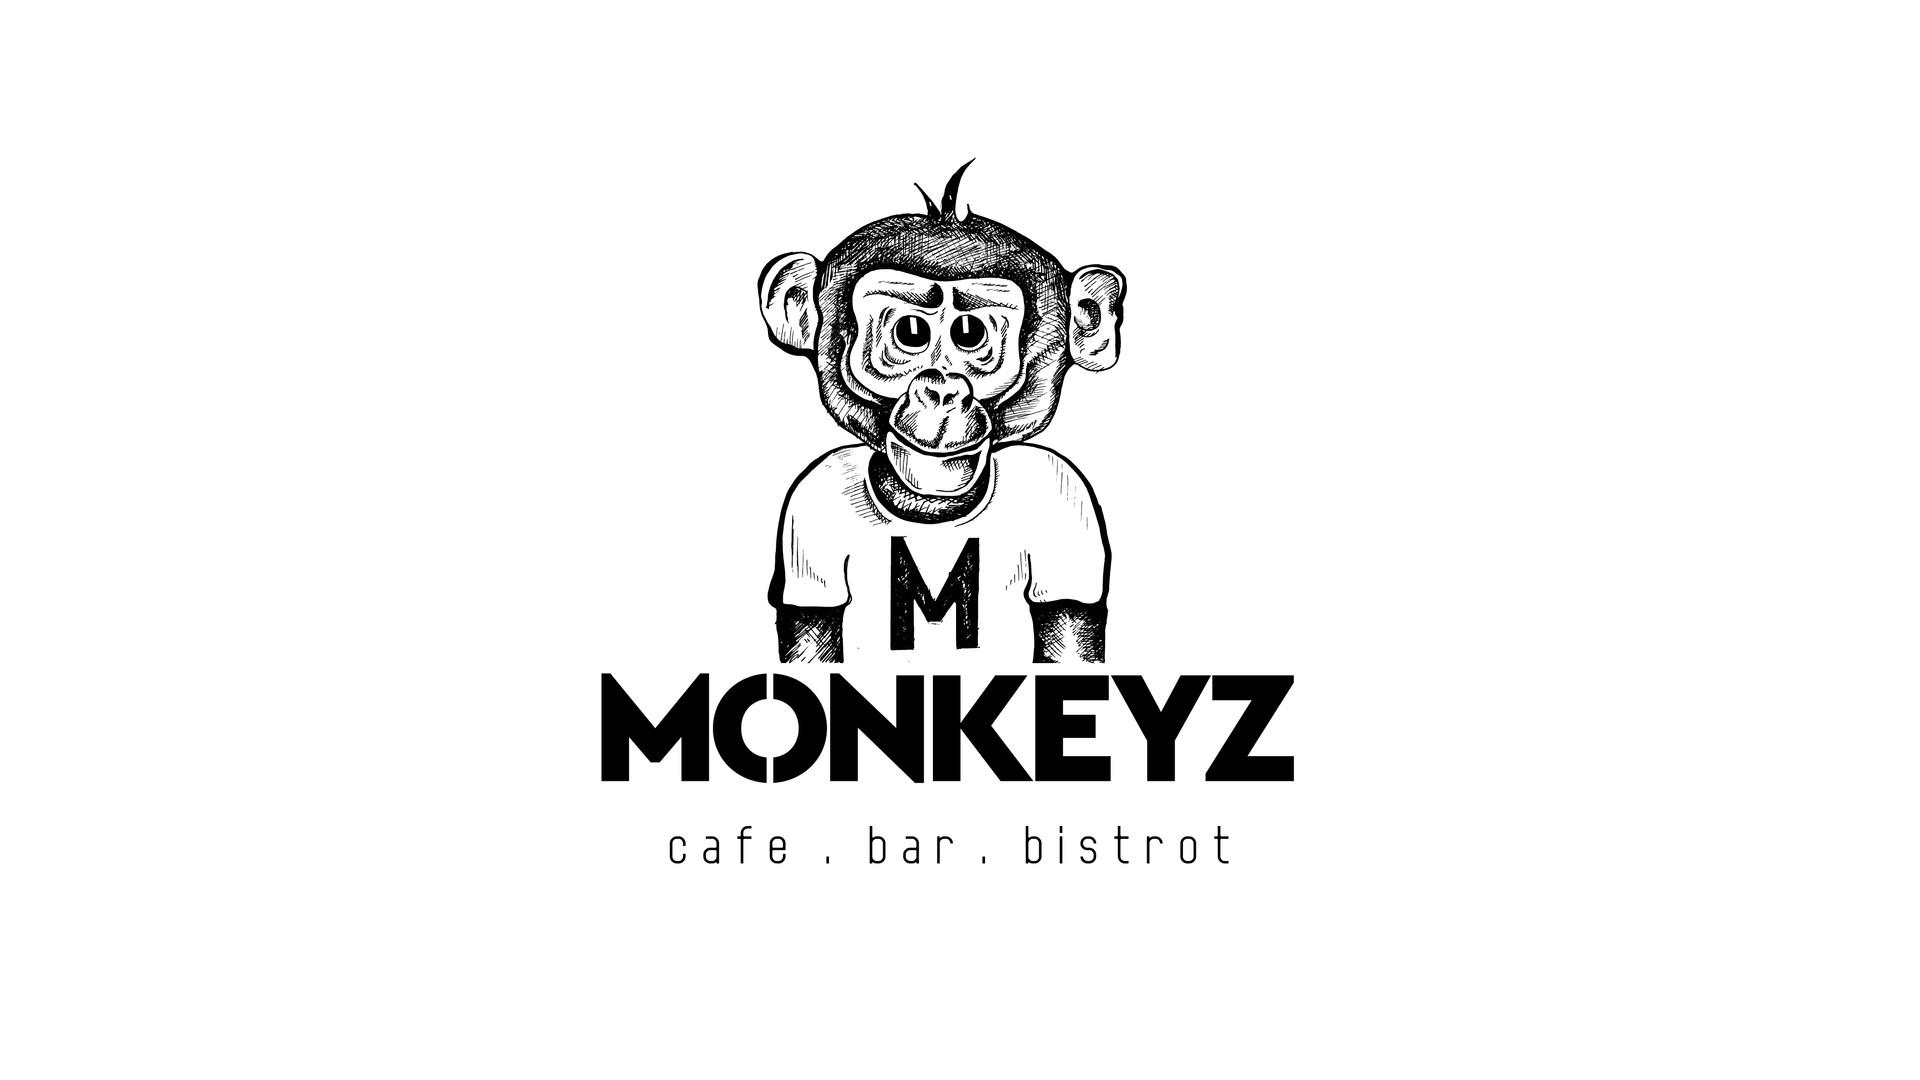 MONKEYZ-10.jpg